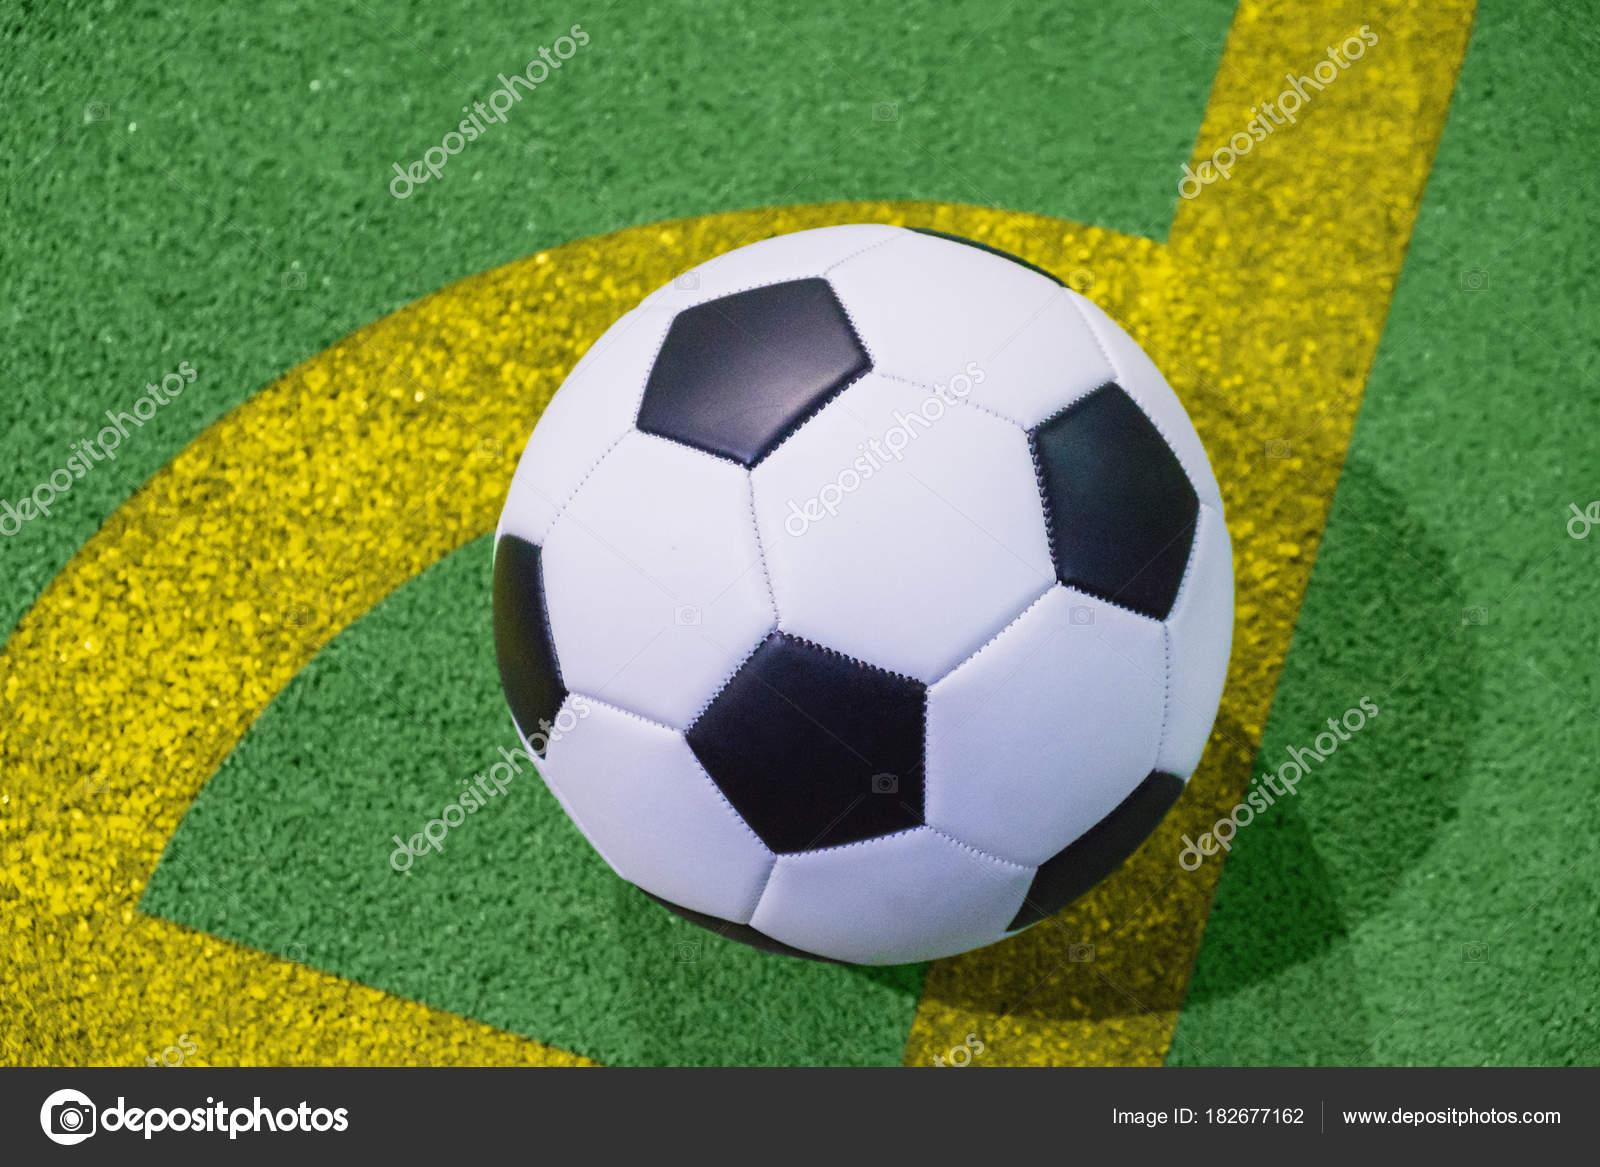 Bola de futebol em um canto chutar a linha em uma vista superior de relva  artificial 2ca1891b54a3b